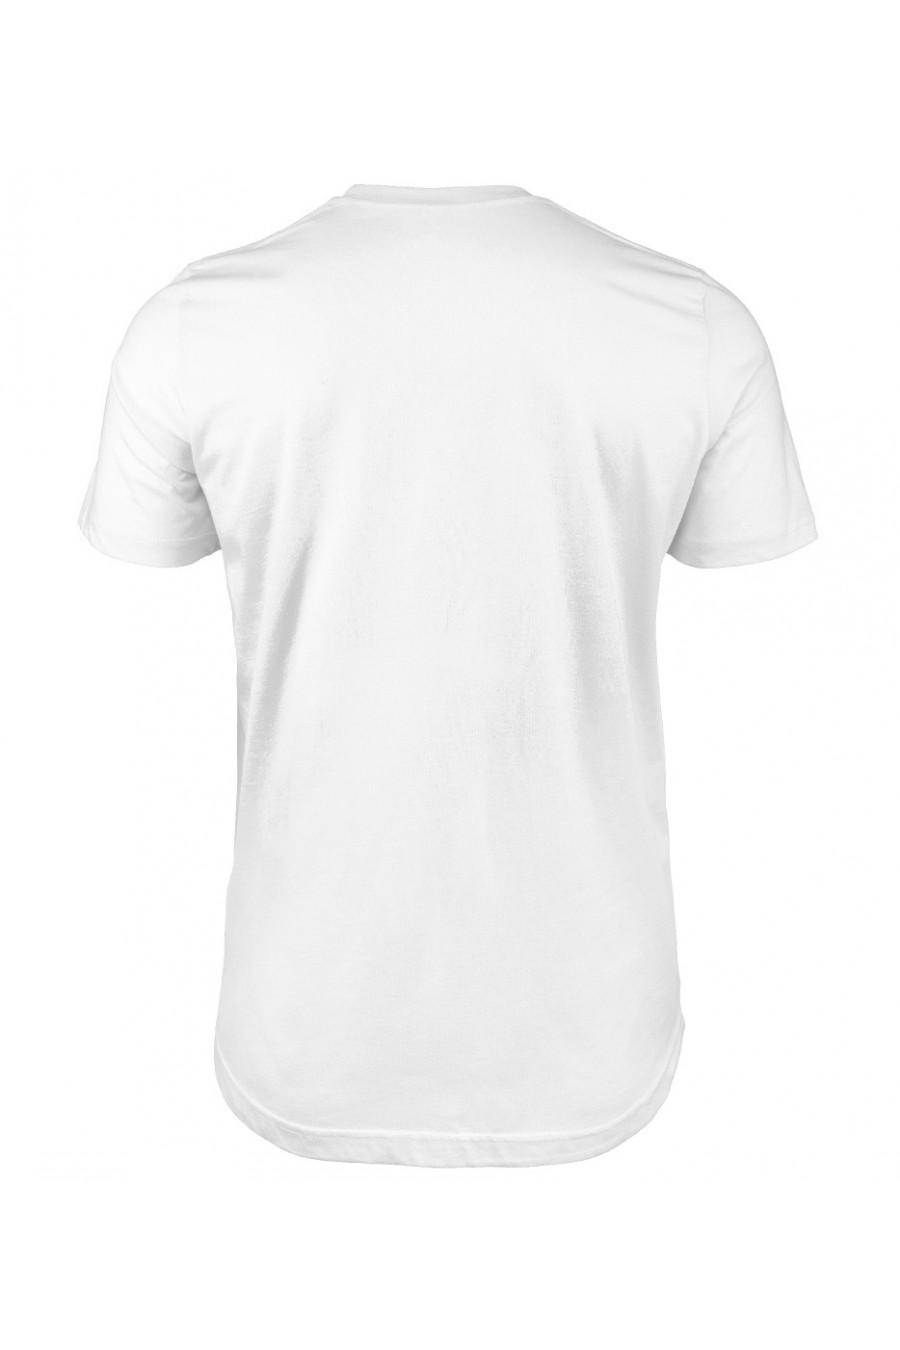 Koszulka Męska Ktoś Mnie Kocha Bardziej Niż Koty 3